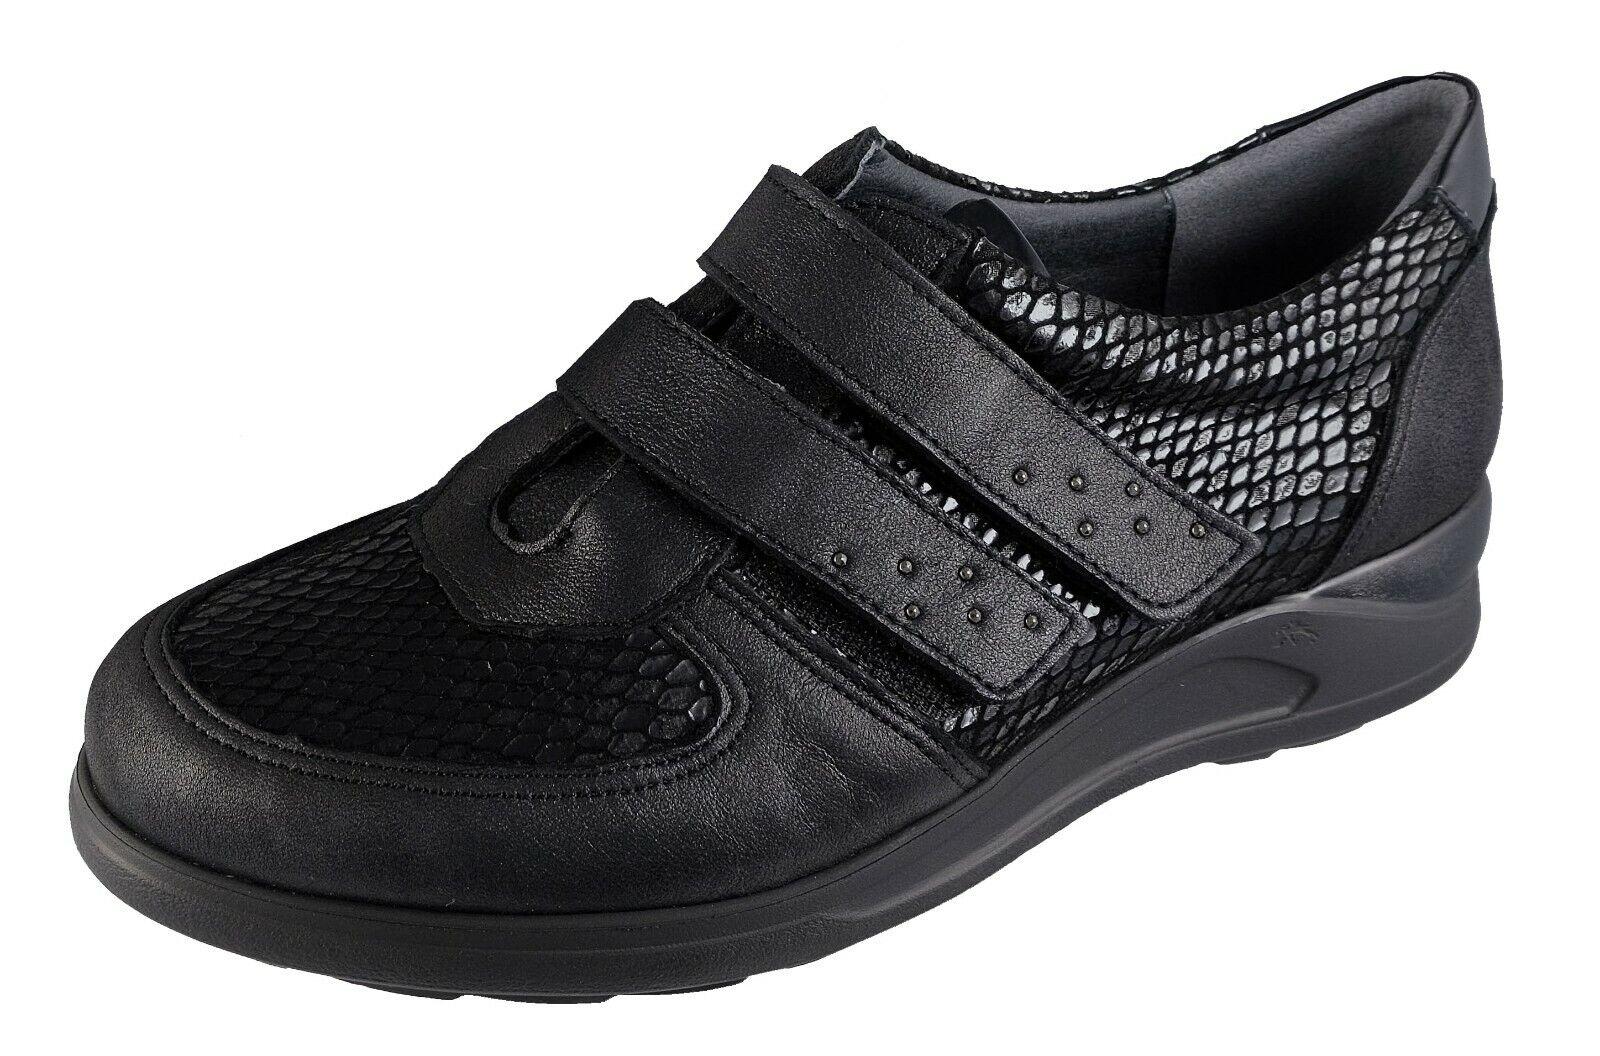 Schuhe Frau   damen Schuhe Fluchos Schwarz   Schwarz Leder Cloe Ref.F0711